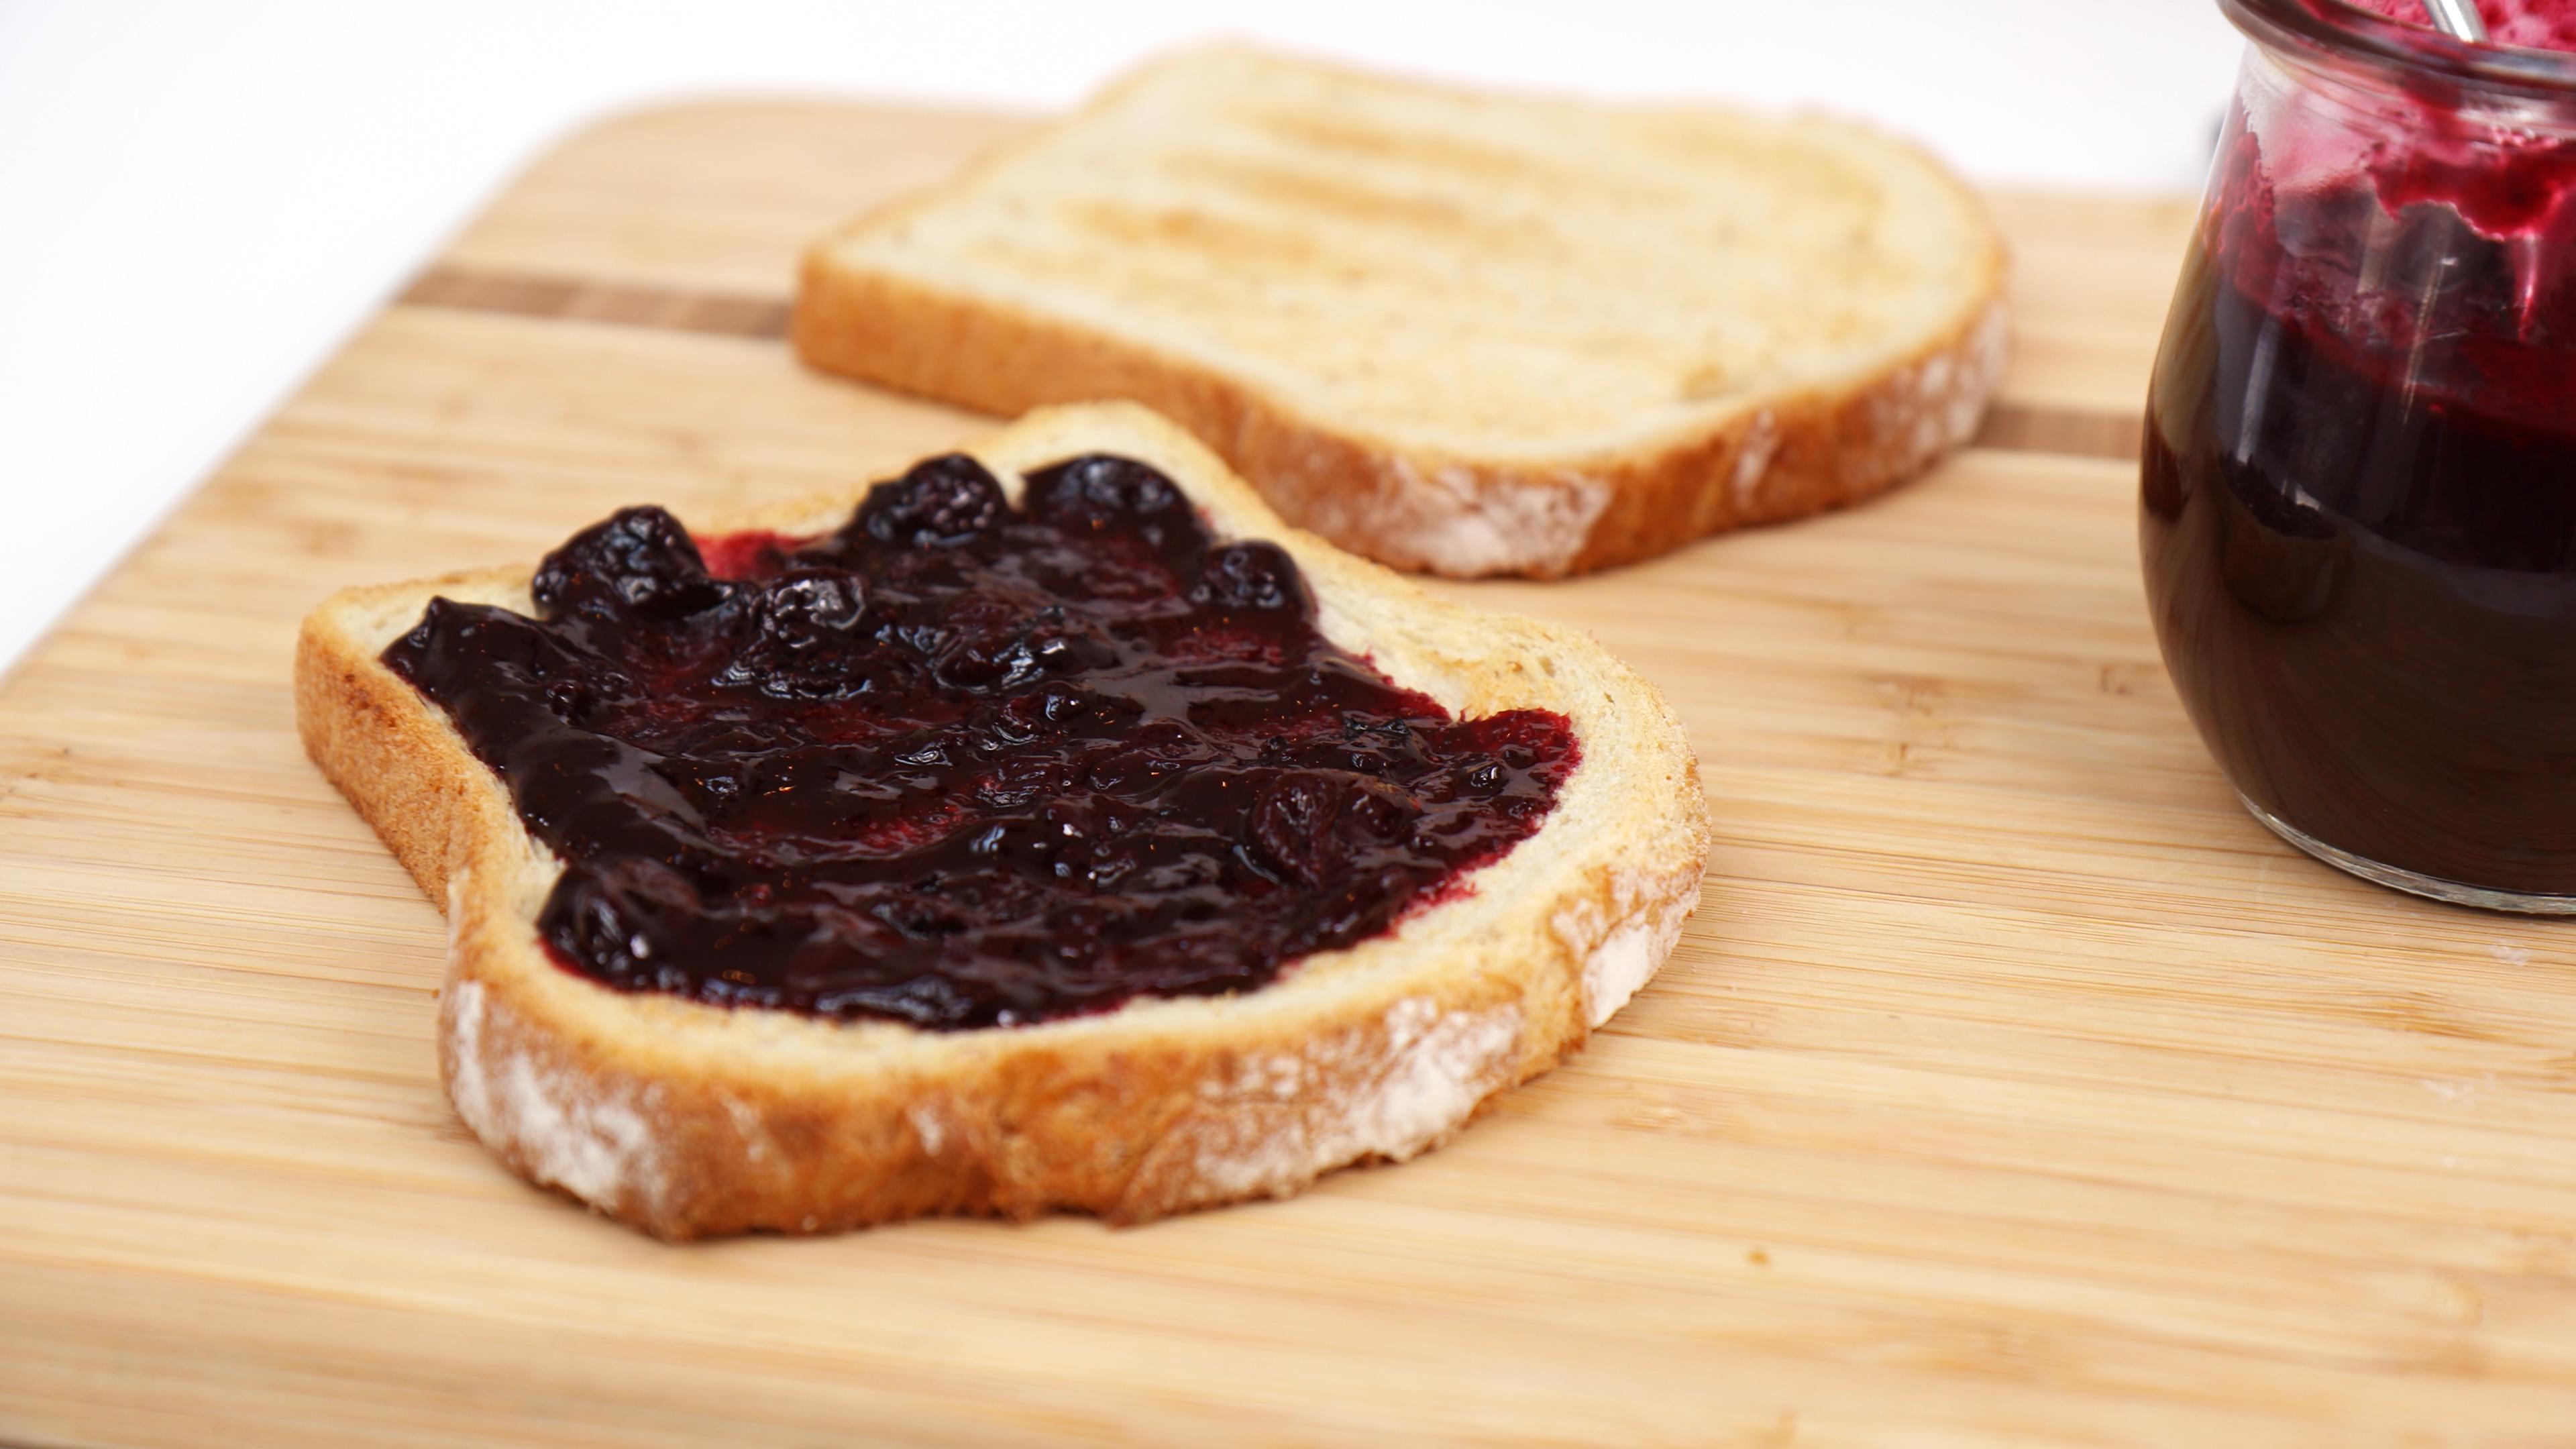 Quick Blueberry Jam - TODAY.com